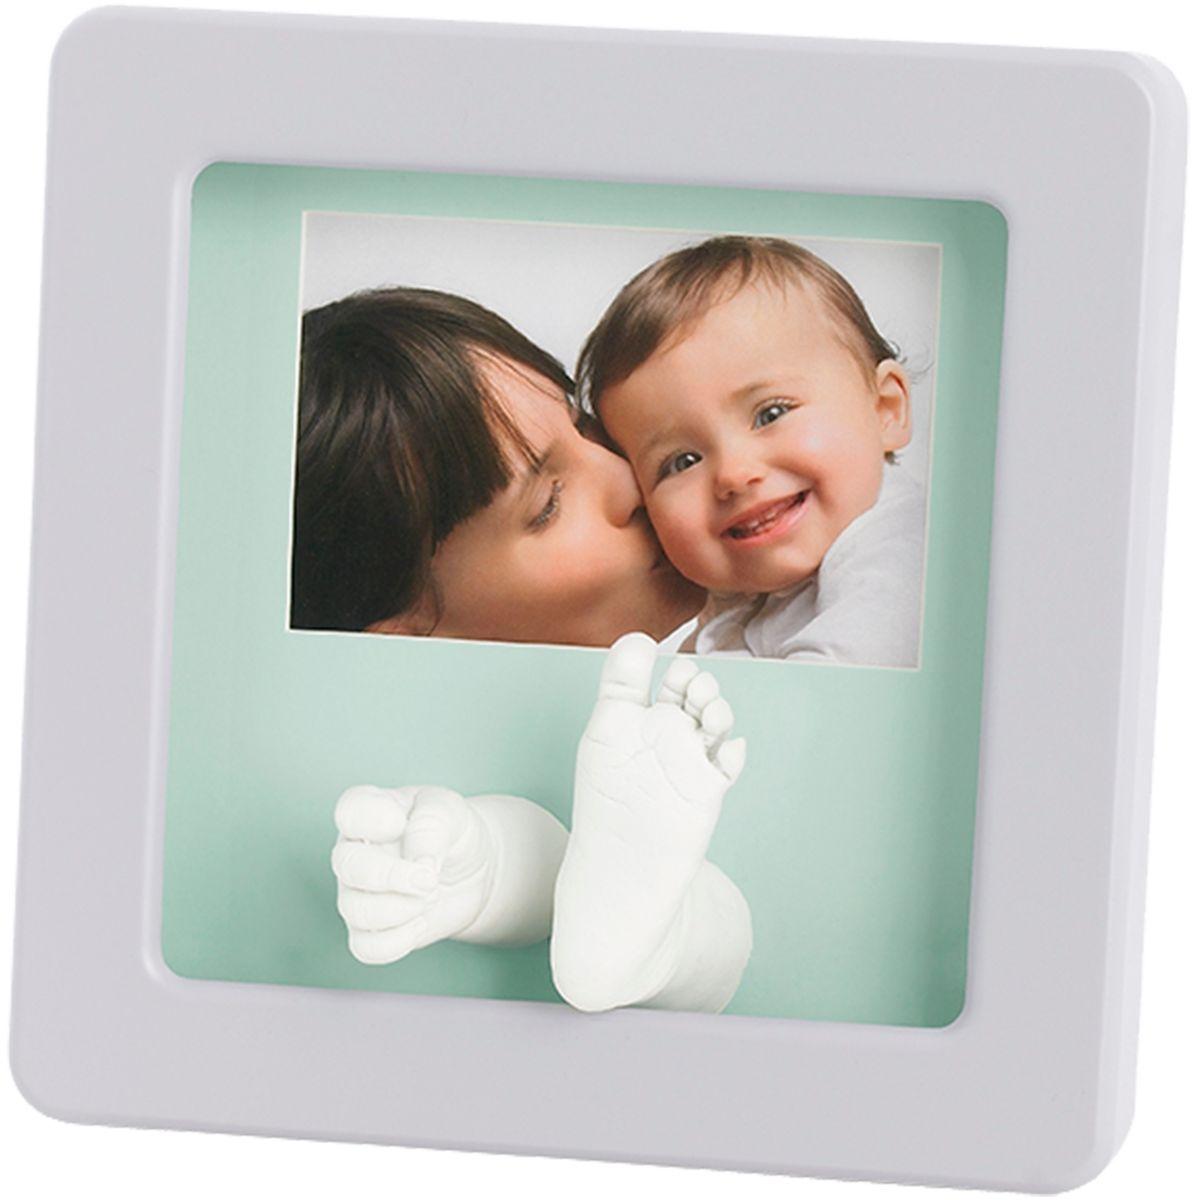 Baby Art Рамка для оттисков Кит Делюкс34120144Рамочка с отпечатком от компании Baby Art - это особый подход к созданию очаровательного подарка на память для этого особого периода жизни, с фотографией и обоими отпечатками ручки и ножки вашего ребенка. - Быстро и легко сделать отпечаток: не надо запекать, нет необходимости в дополнительных материалах, все уже включено в набор! - Можно делать несколько проб до сушки. - Очень быстро: создание идеального слепка всего за 2 минуты (не включая процесс сушки).